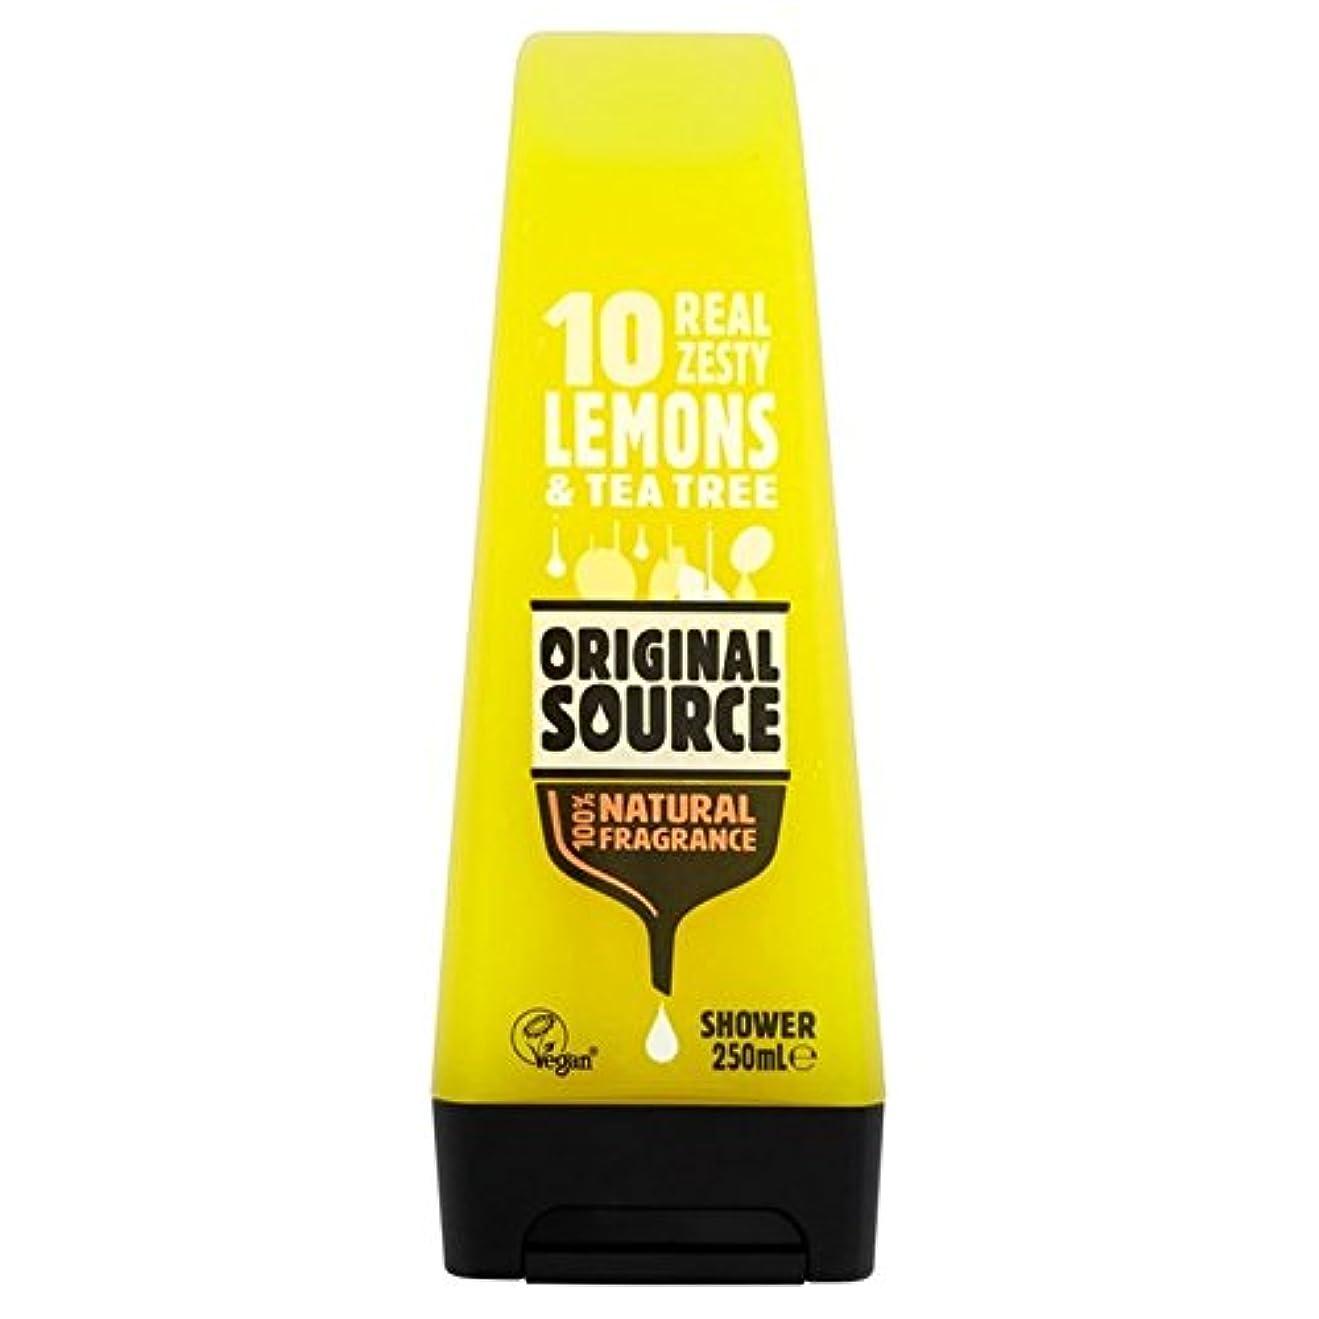 露骨な承知しました素晴らしい良い多くの元のソースのレモンシャワージェル250ミリリットル x2 - Original Source Lemon Shower Gel 250ml (Pack of 2) [並行輸入品]